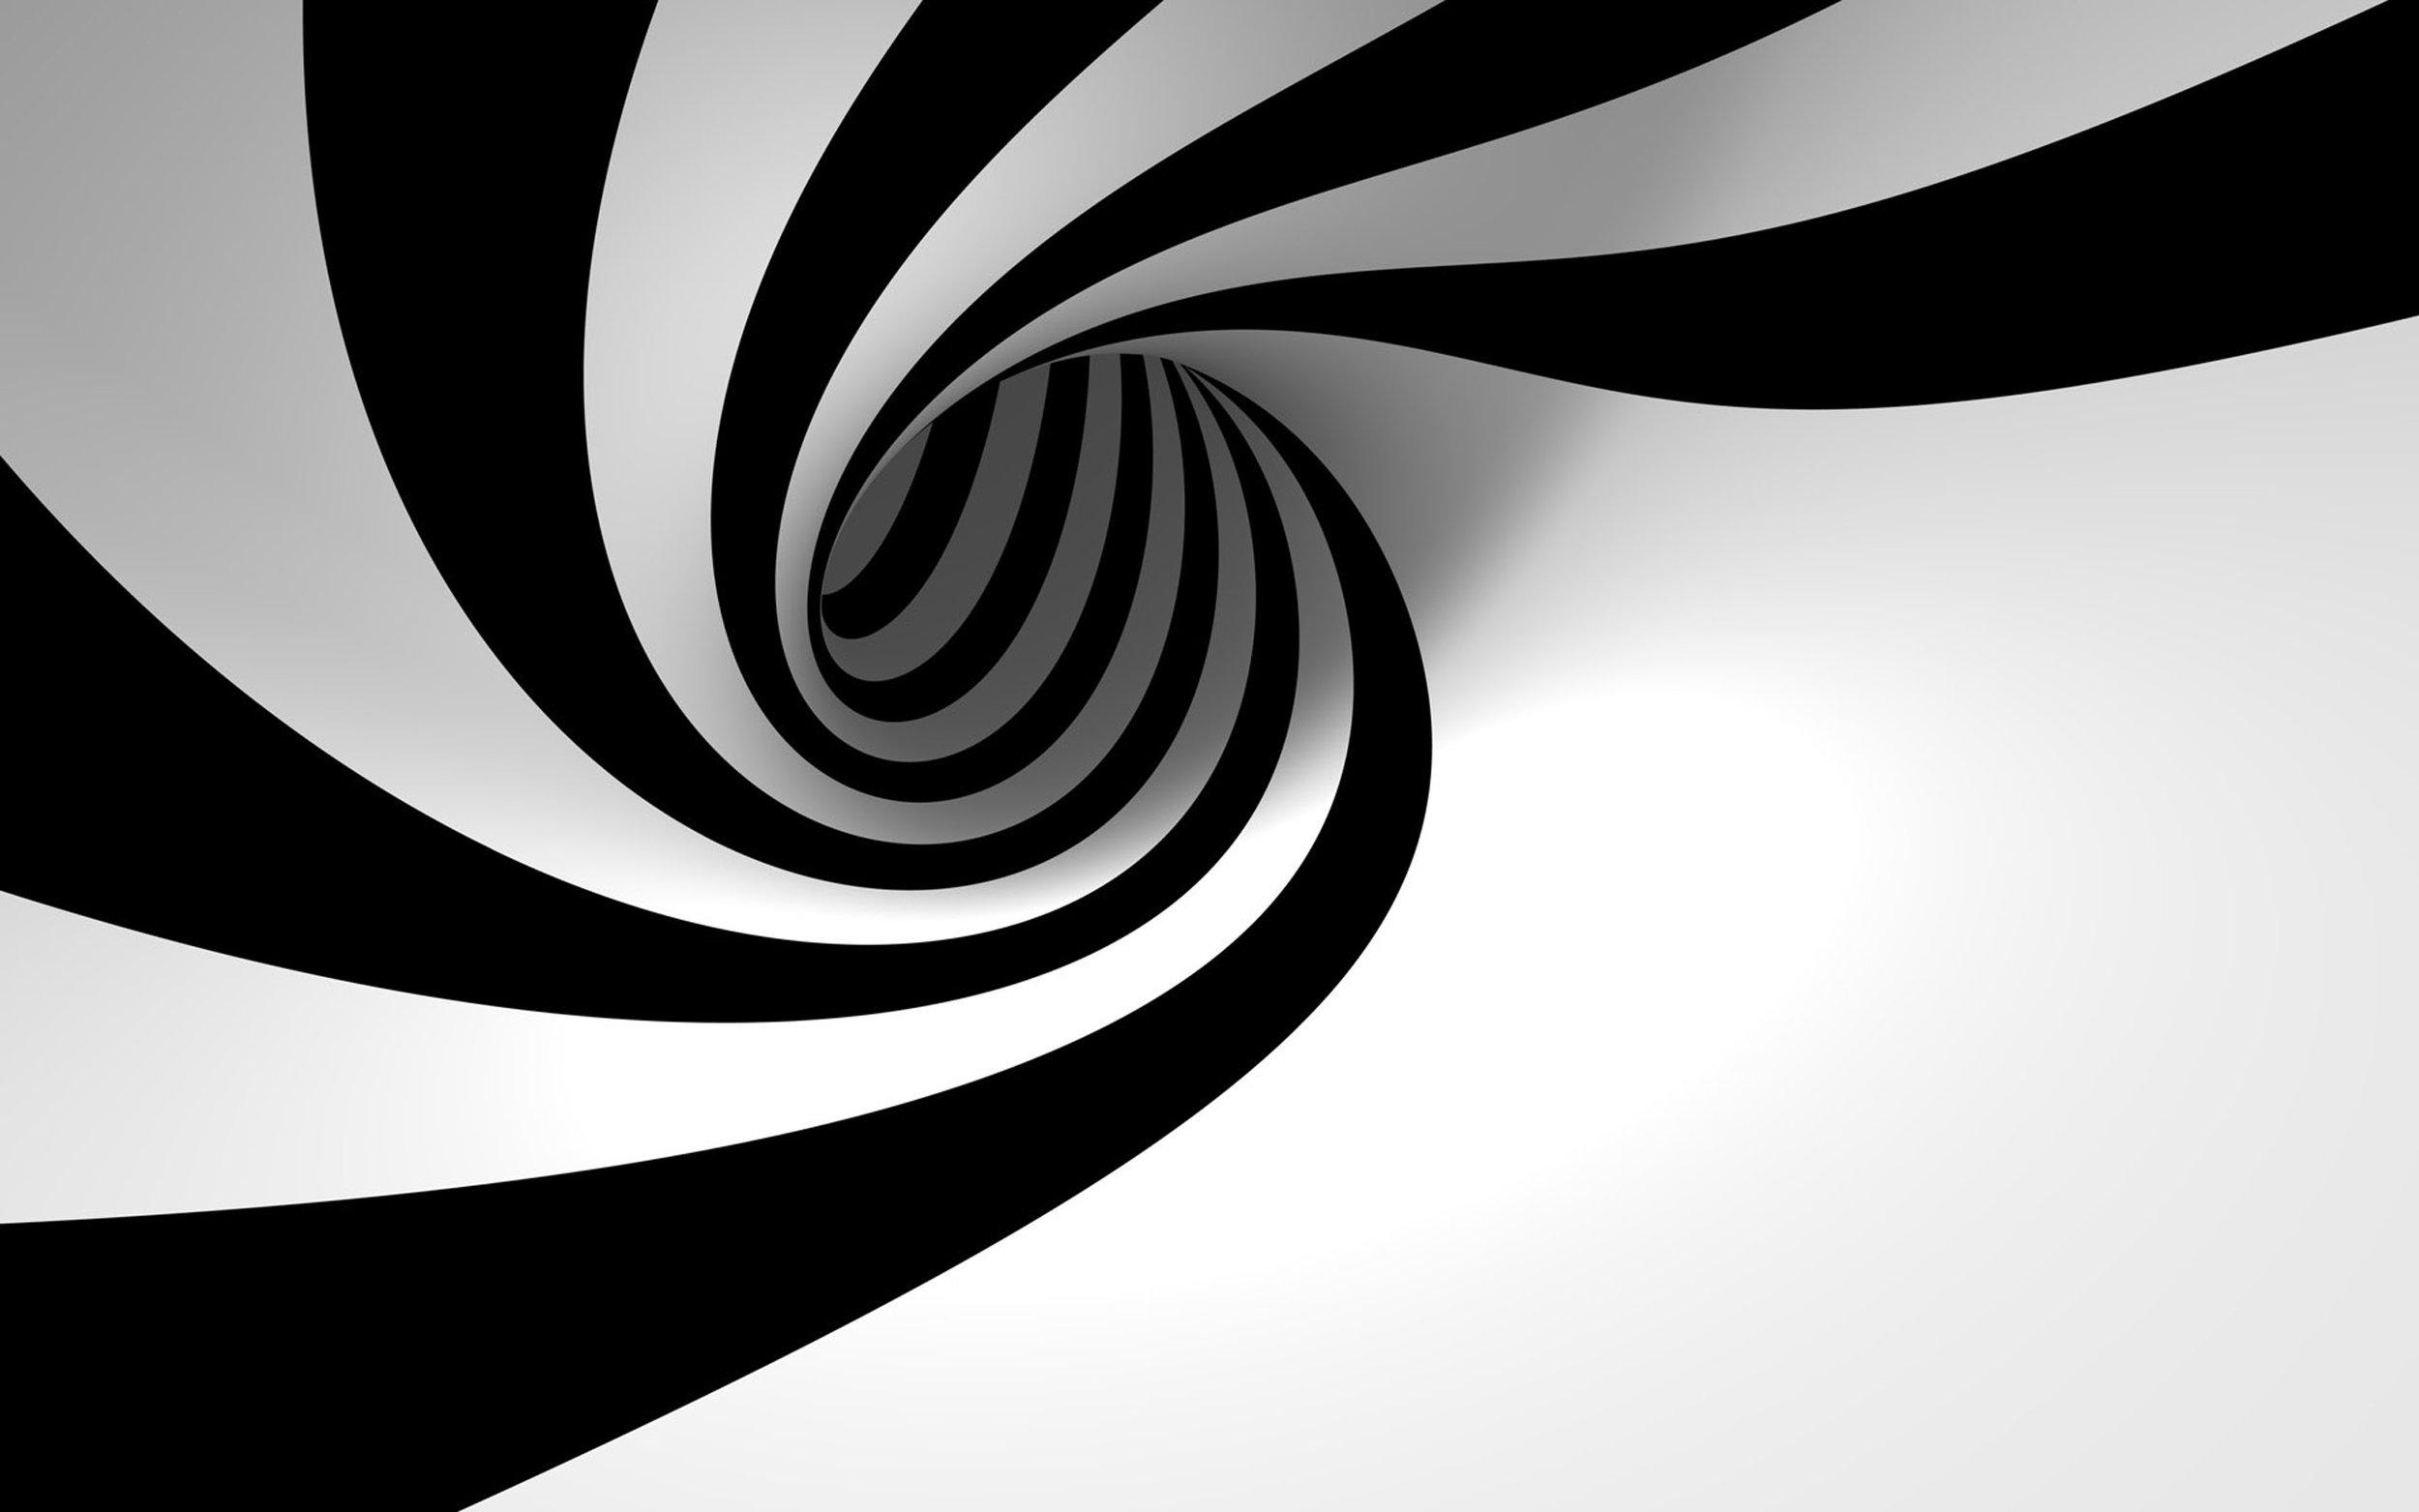 4990_vortex_black_white.jpg